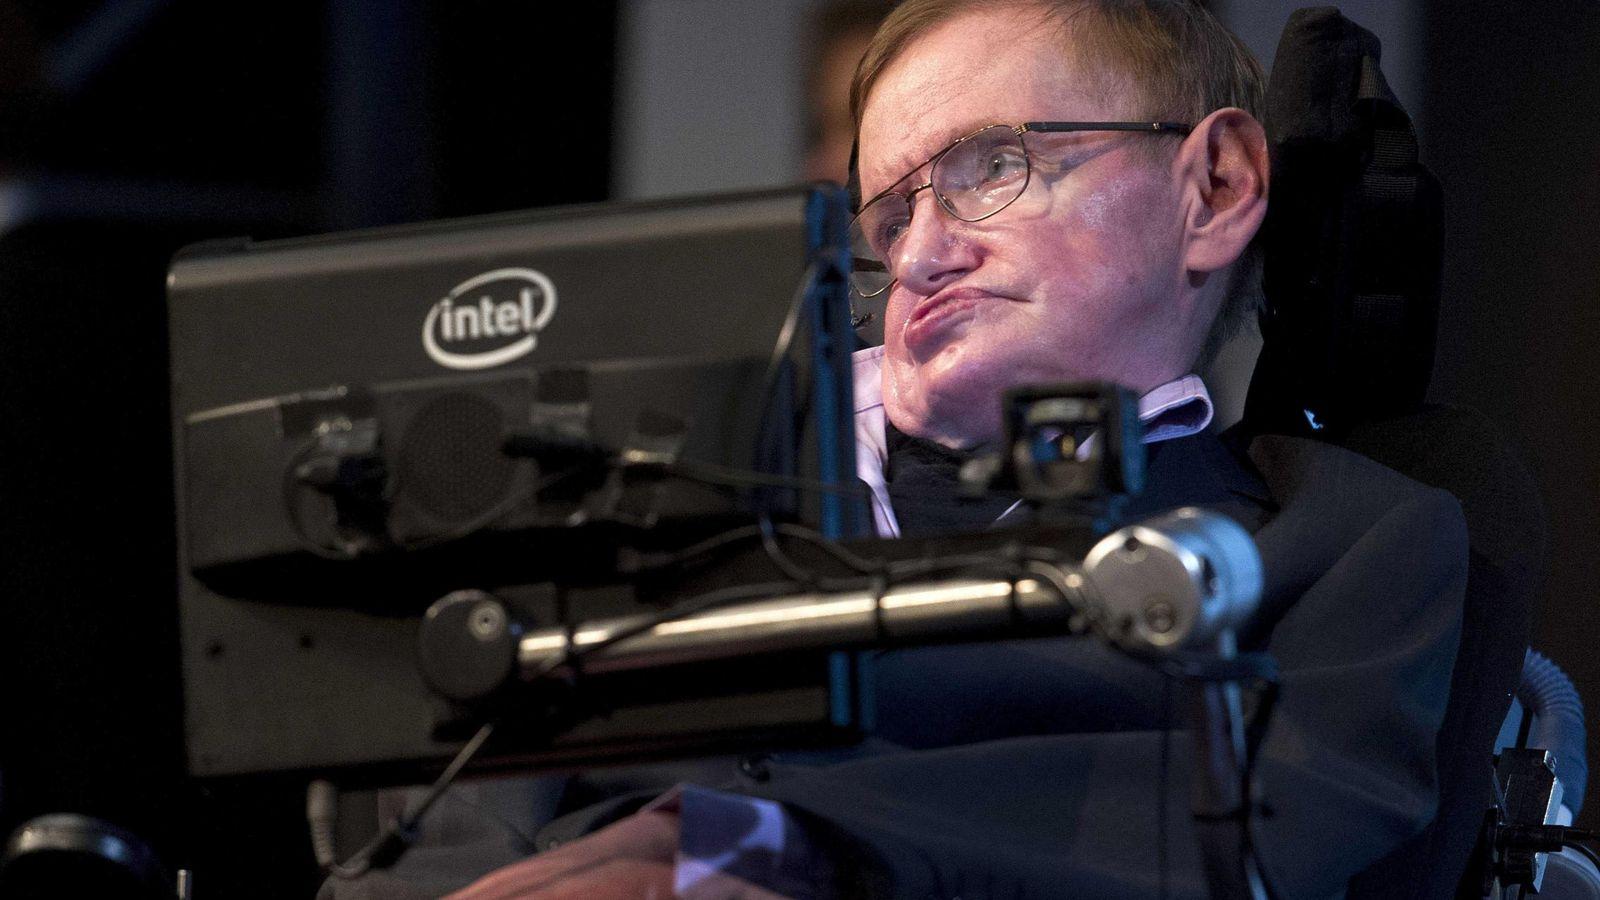 Foto: Hawking fue diagnosticado cuando la tecnología estaba mucho menos desarrollada. (Efe/Evert Elzinga)